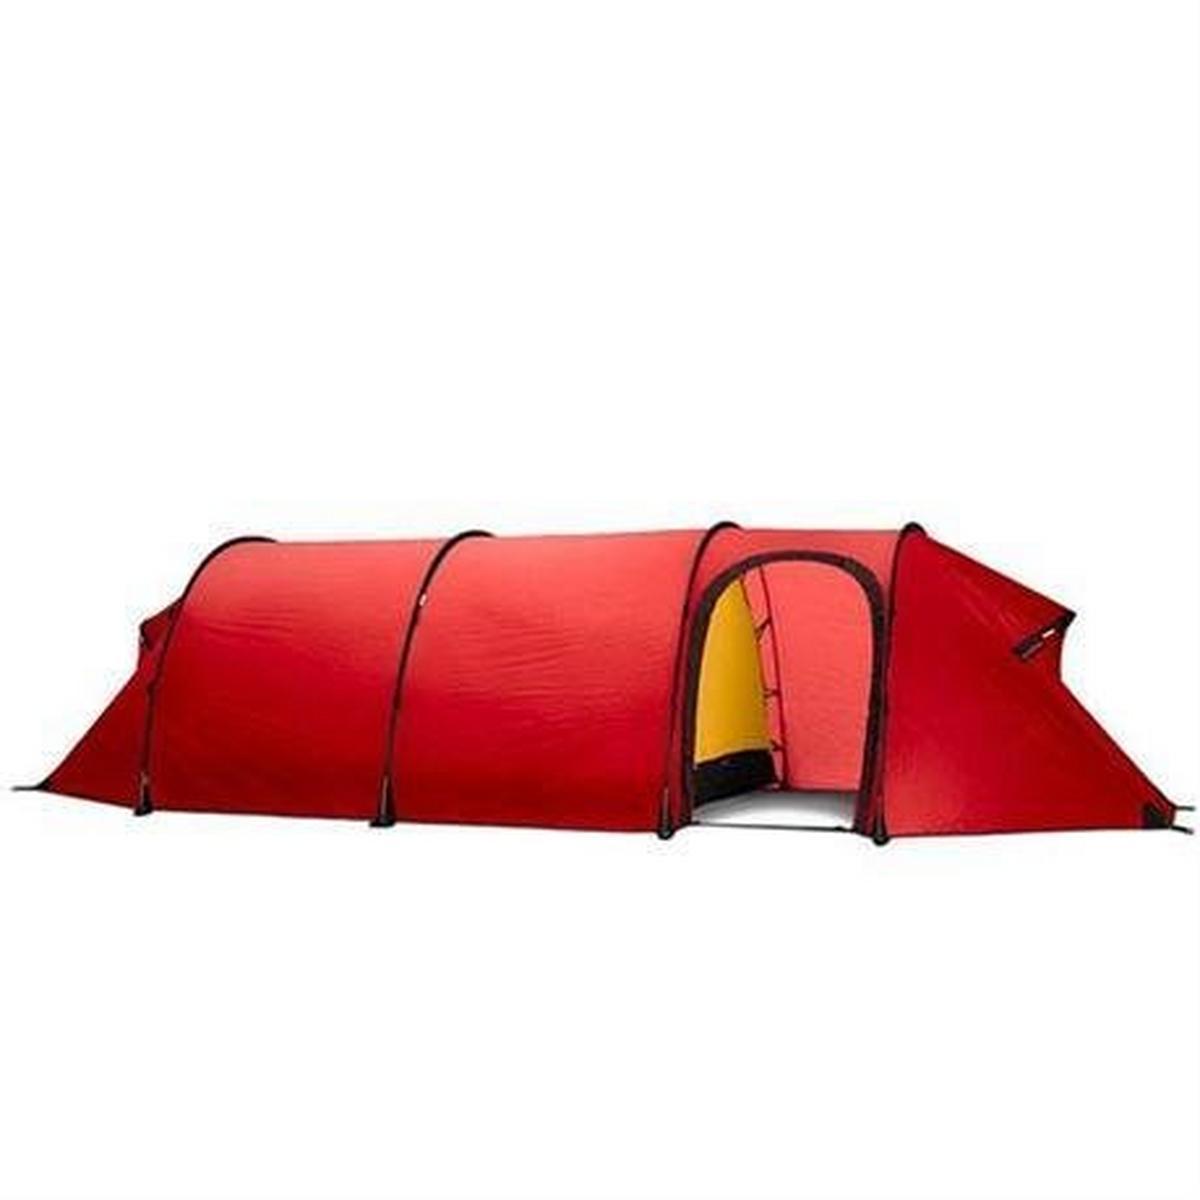 Hilleberg Tent  Keron 4 GT Red